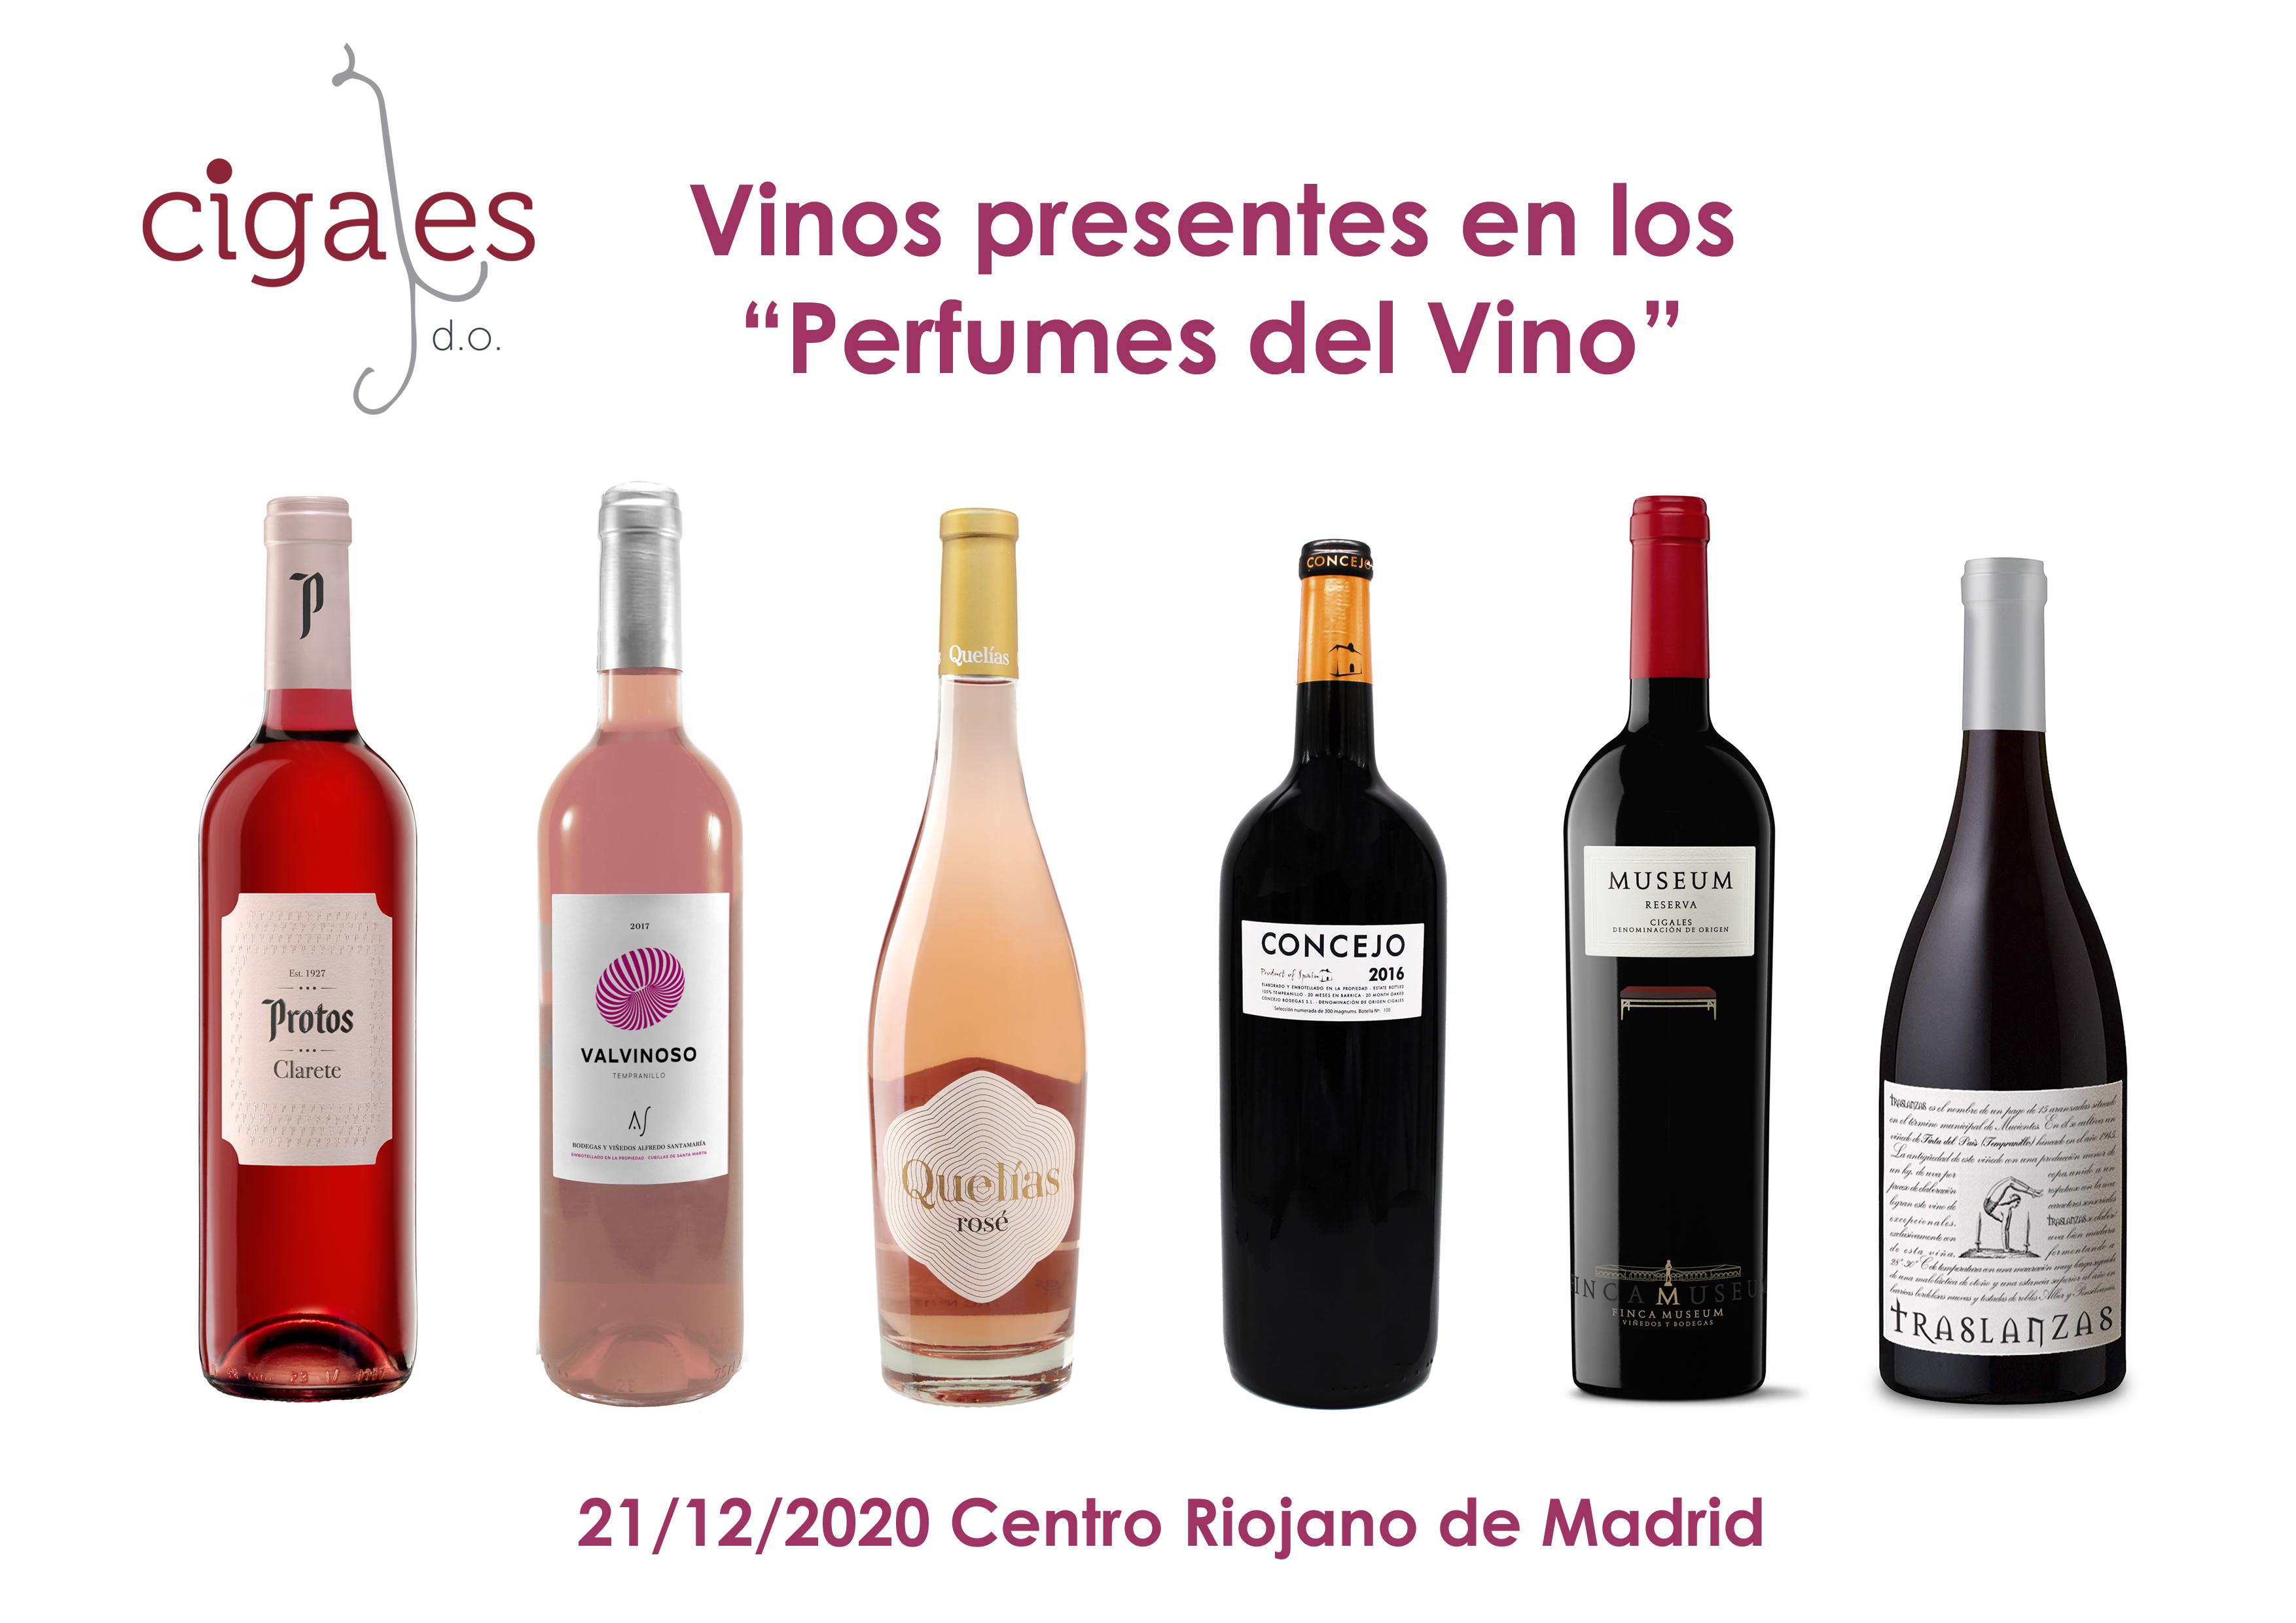 La DO Cigales protagonista del siguiente capítulo  de los Perfumes del Vino de Madrid